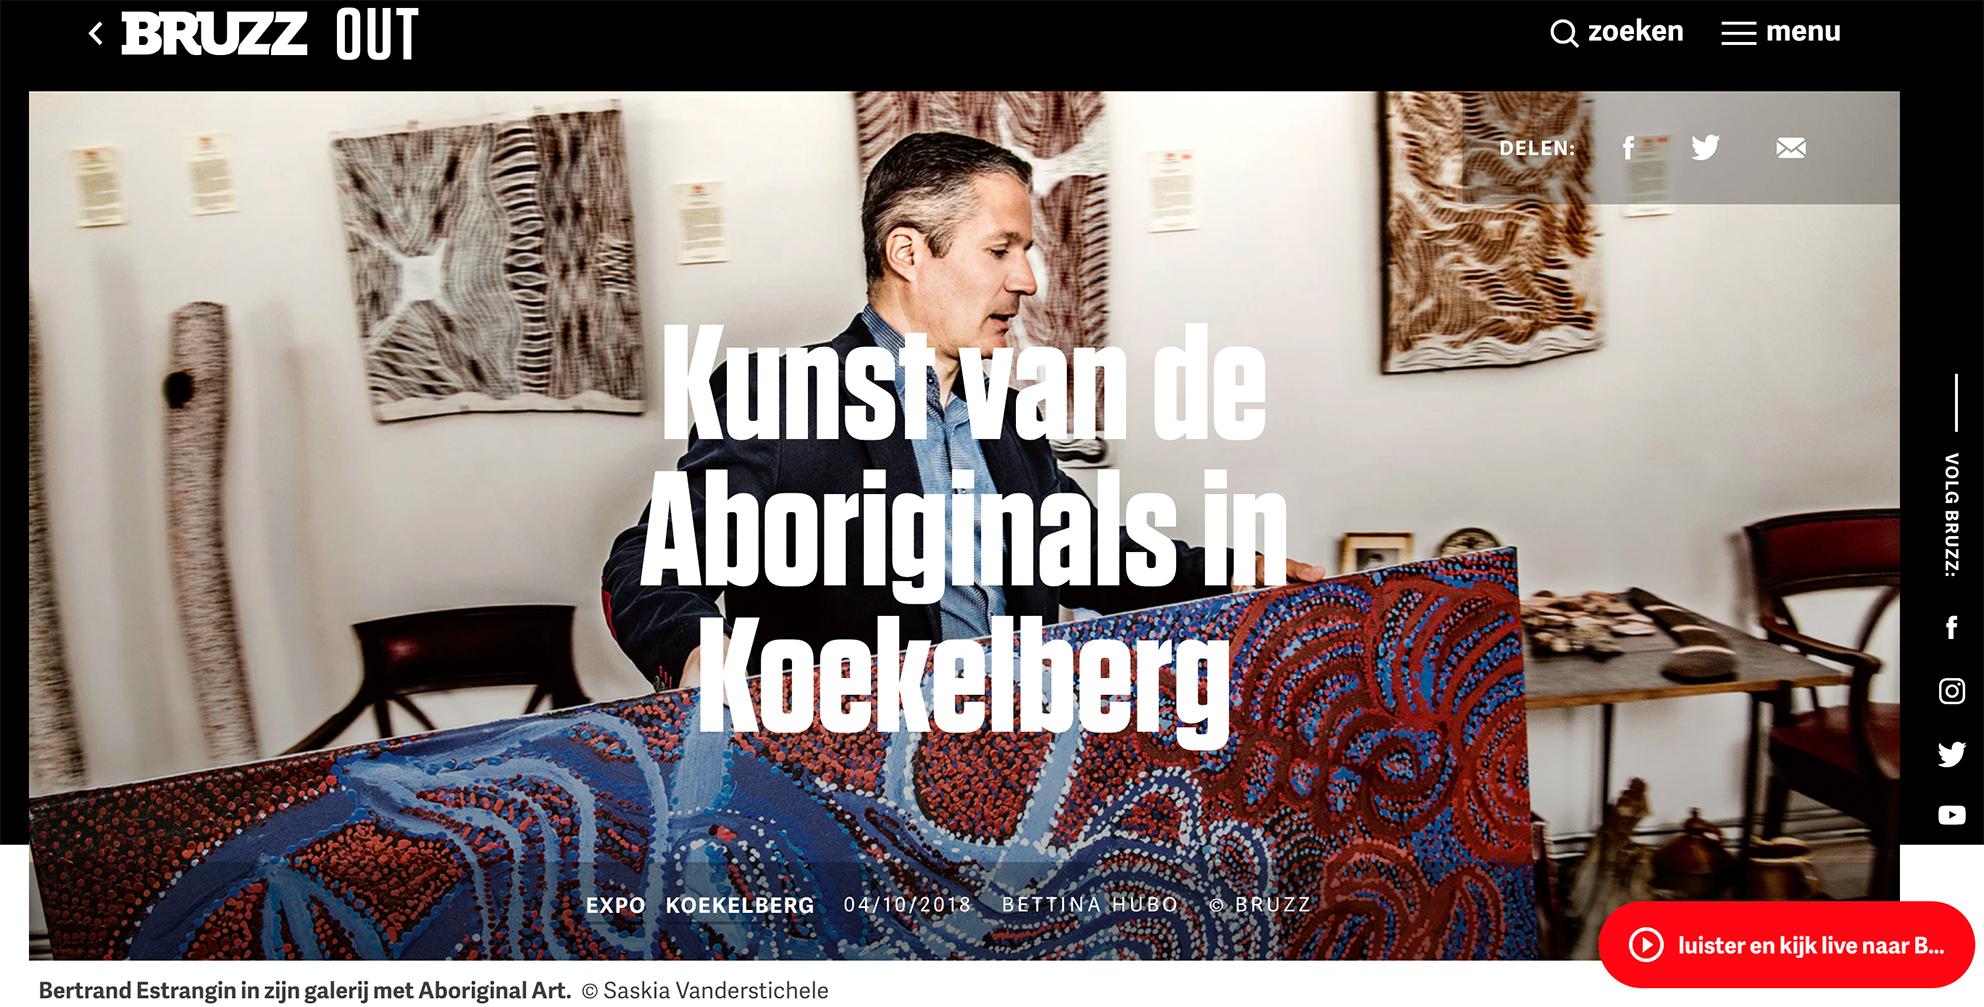 Bruzz-article-aboriginal-art.jpg